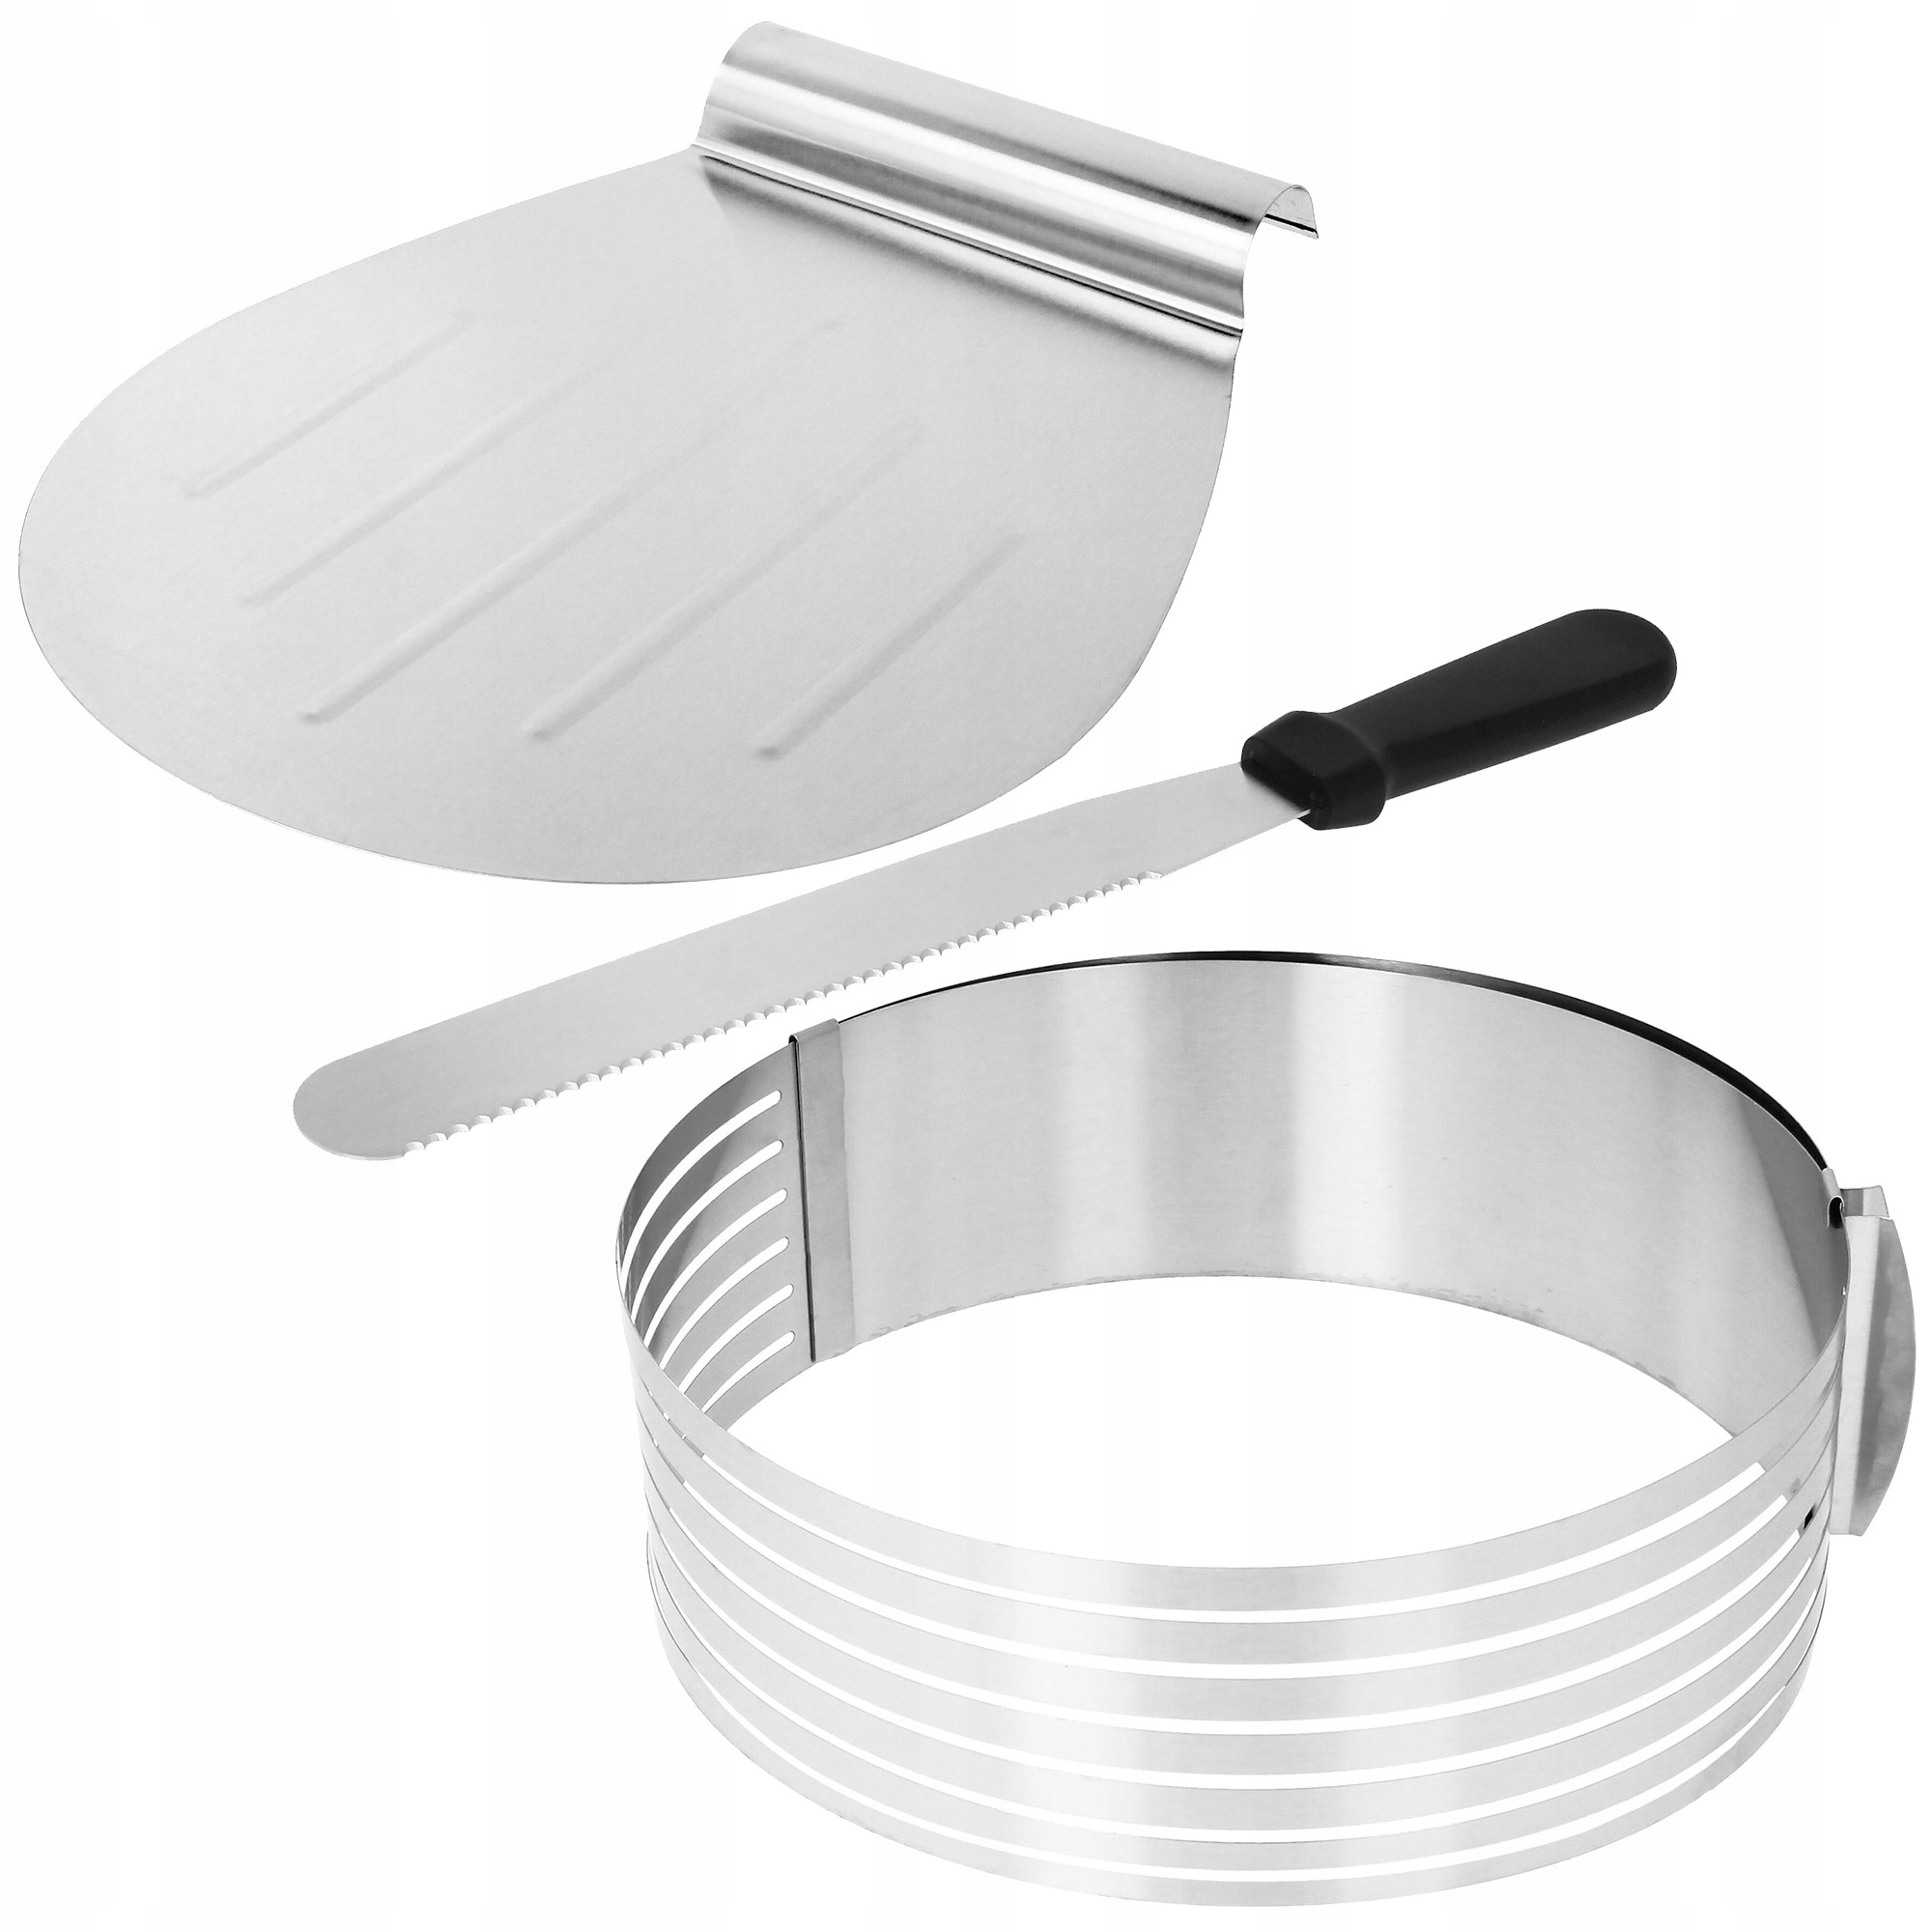 РЕЖУЩЕЕ КОЛЬЦО Набор шпателей для ножей BB 1548